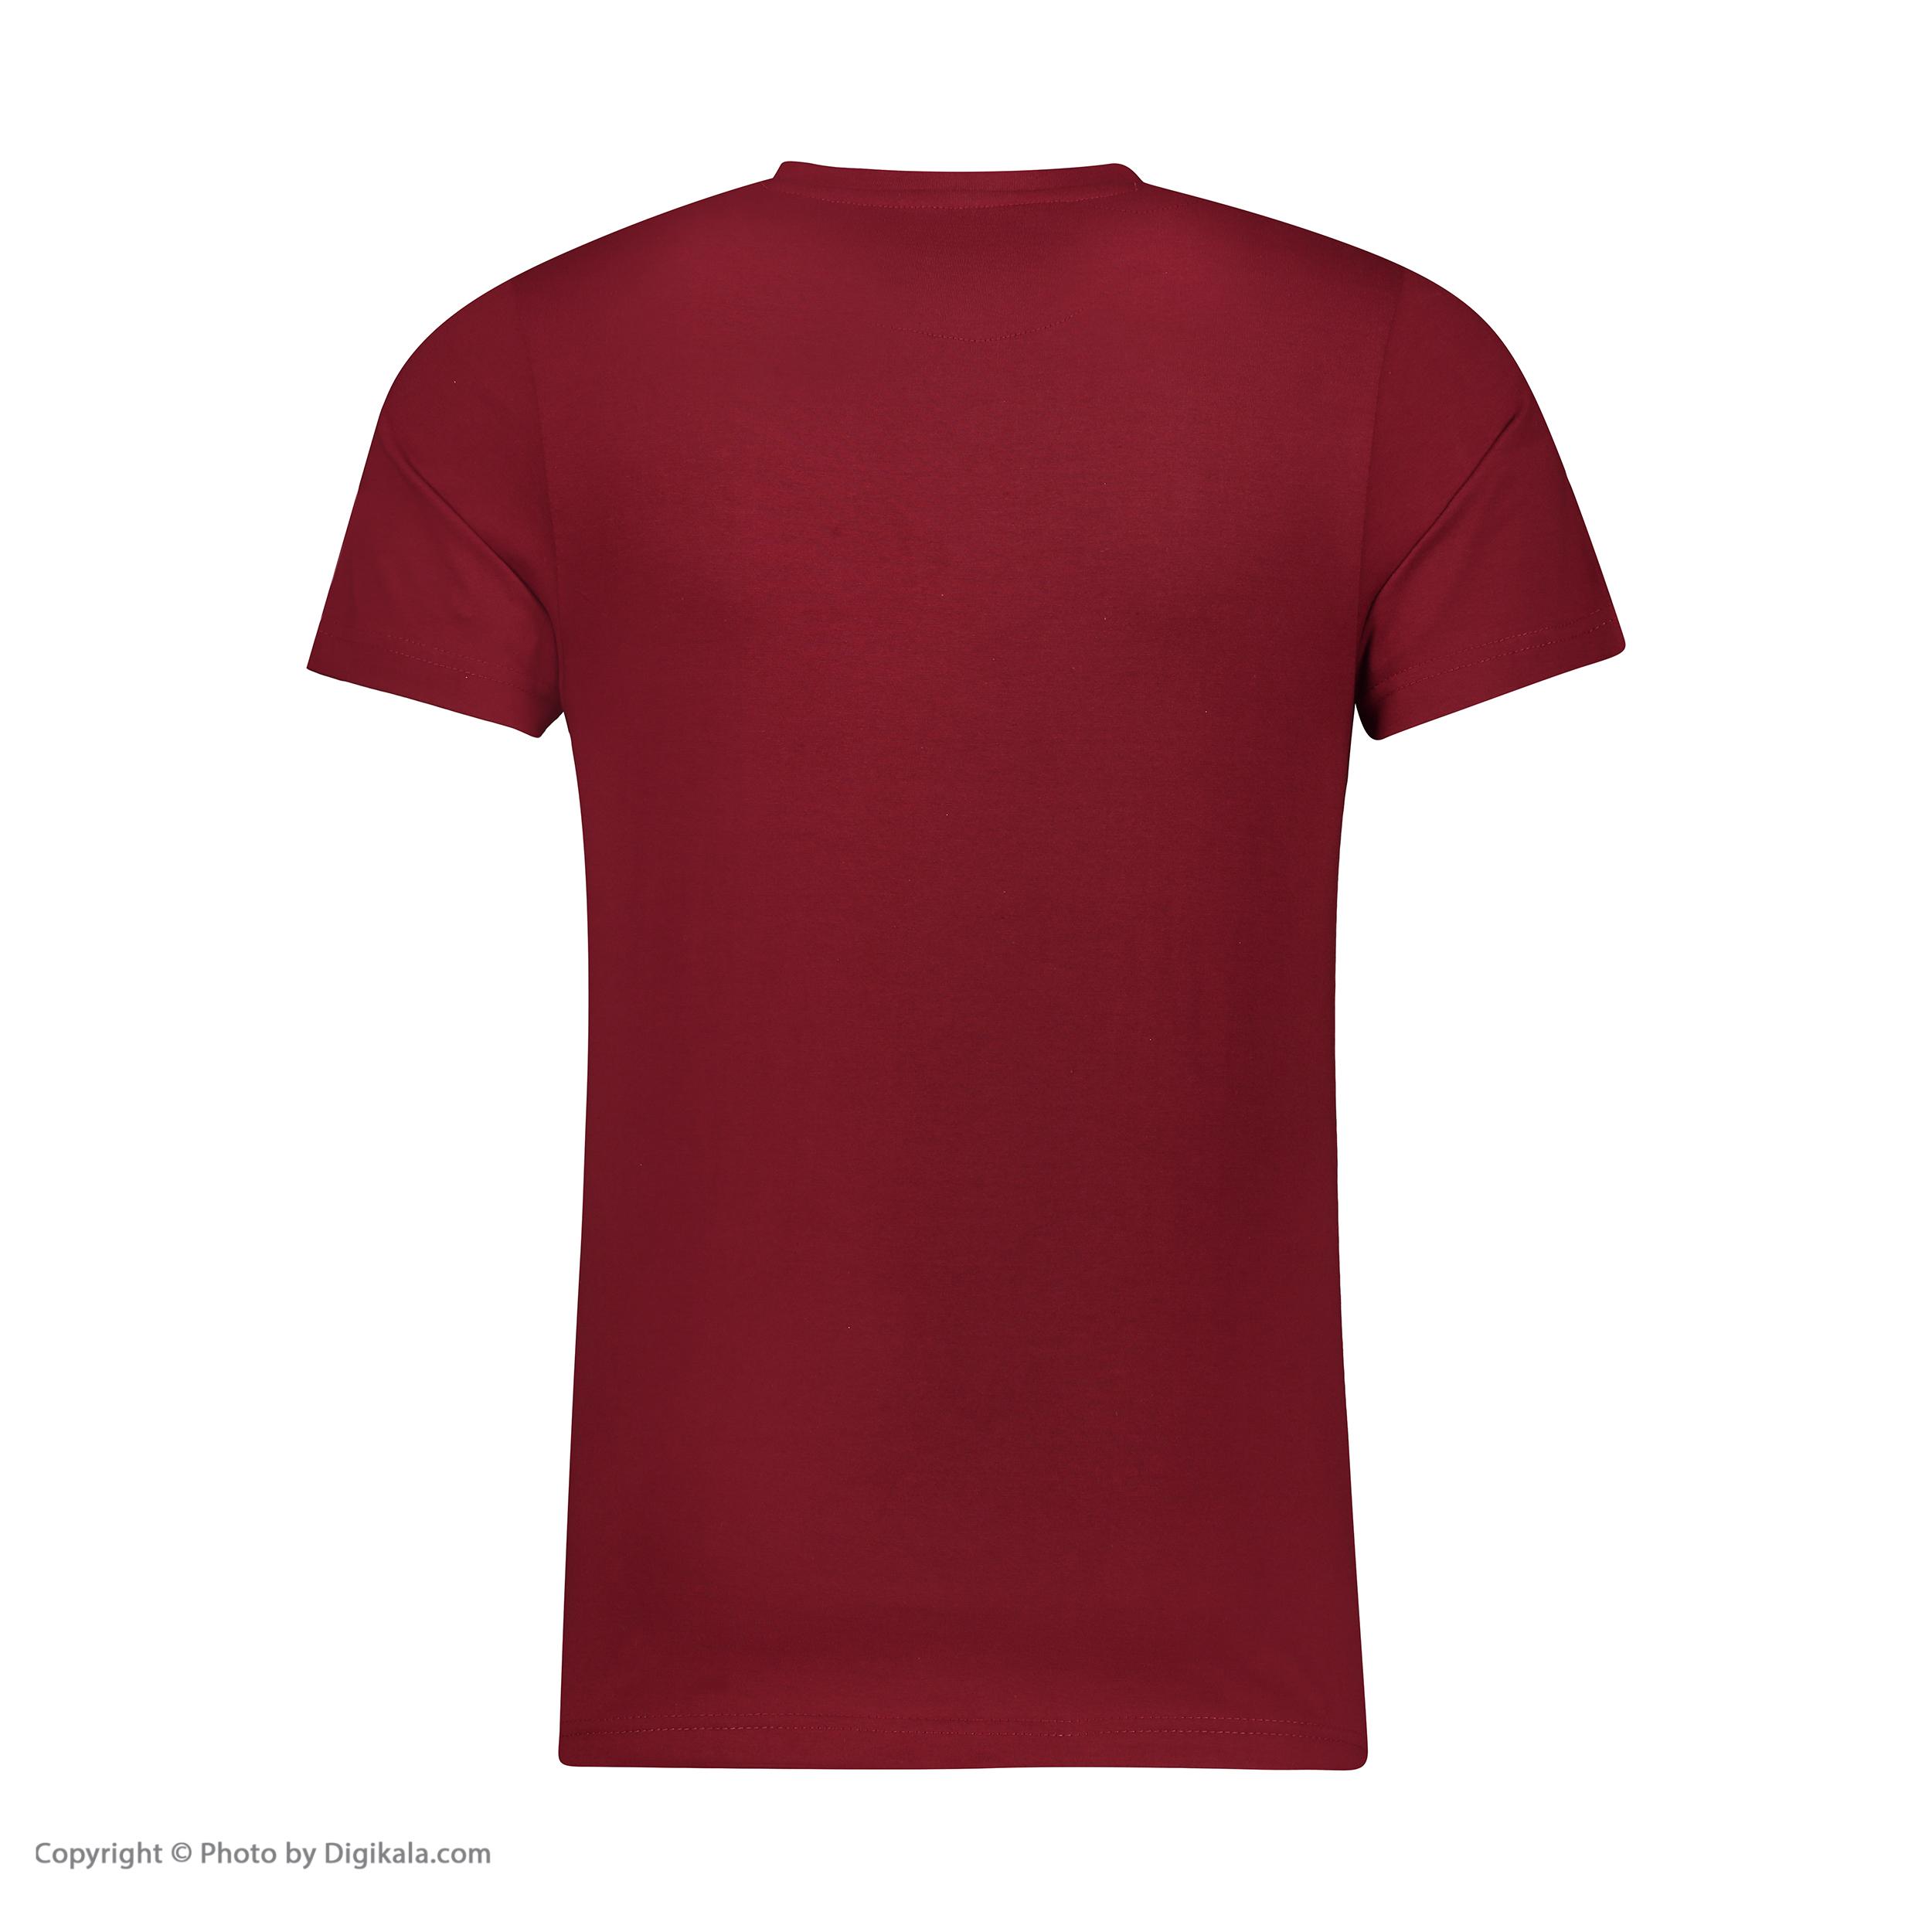 تی شرت مردانه آر ان اس مدل 131132-70